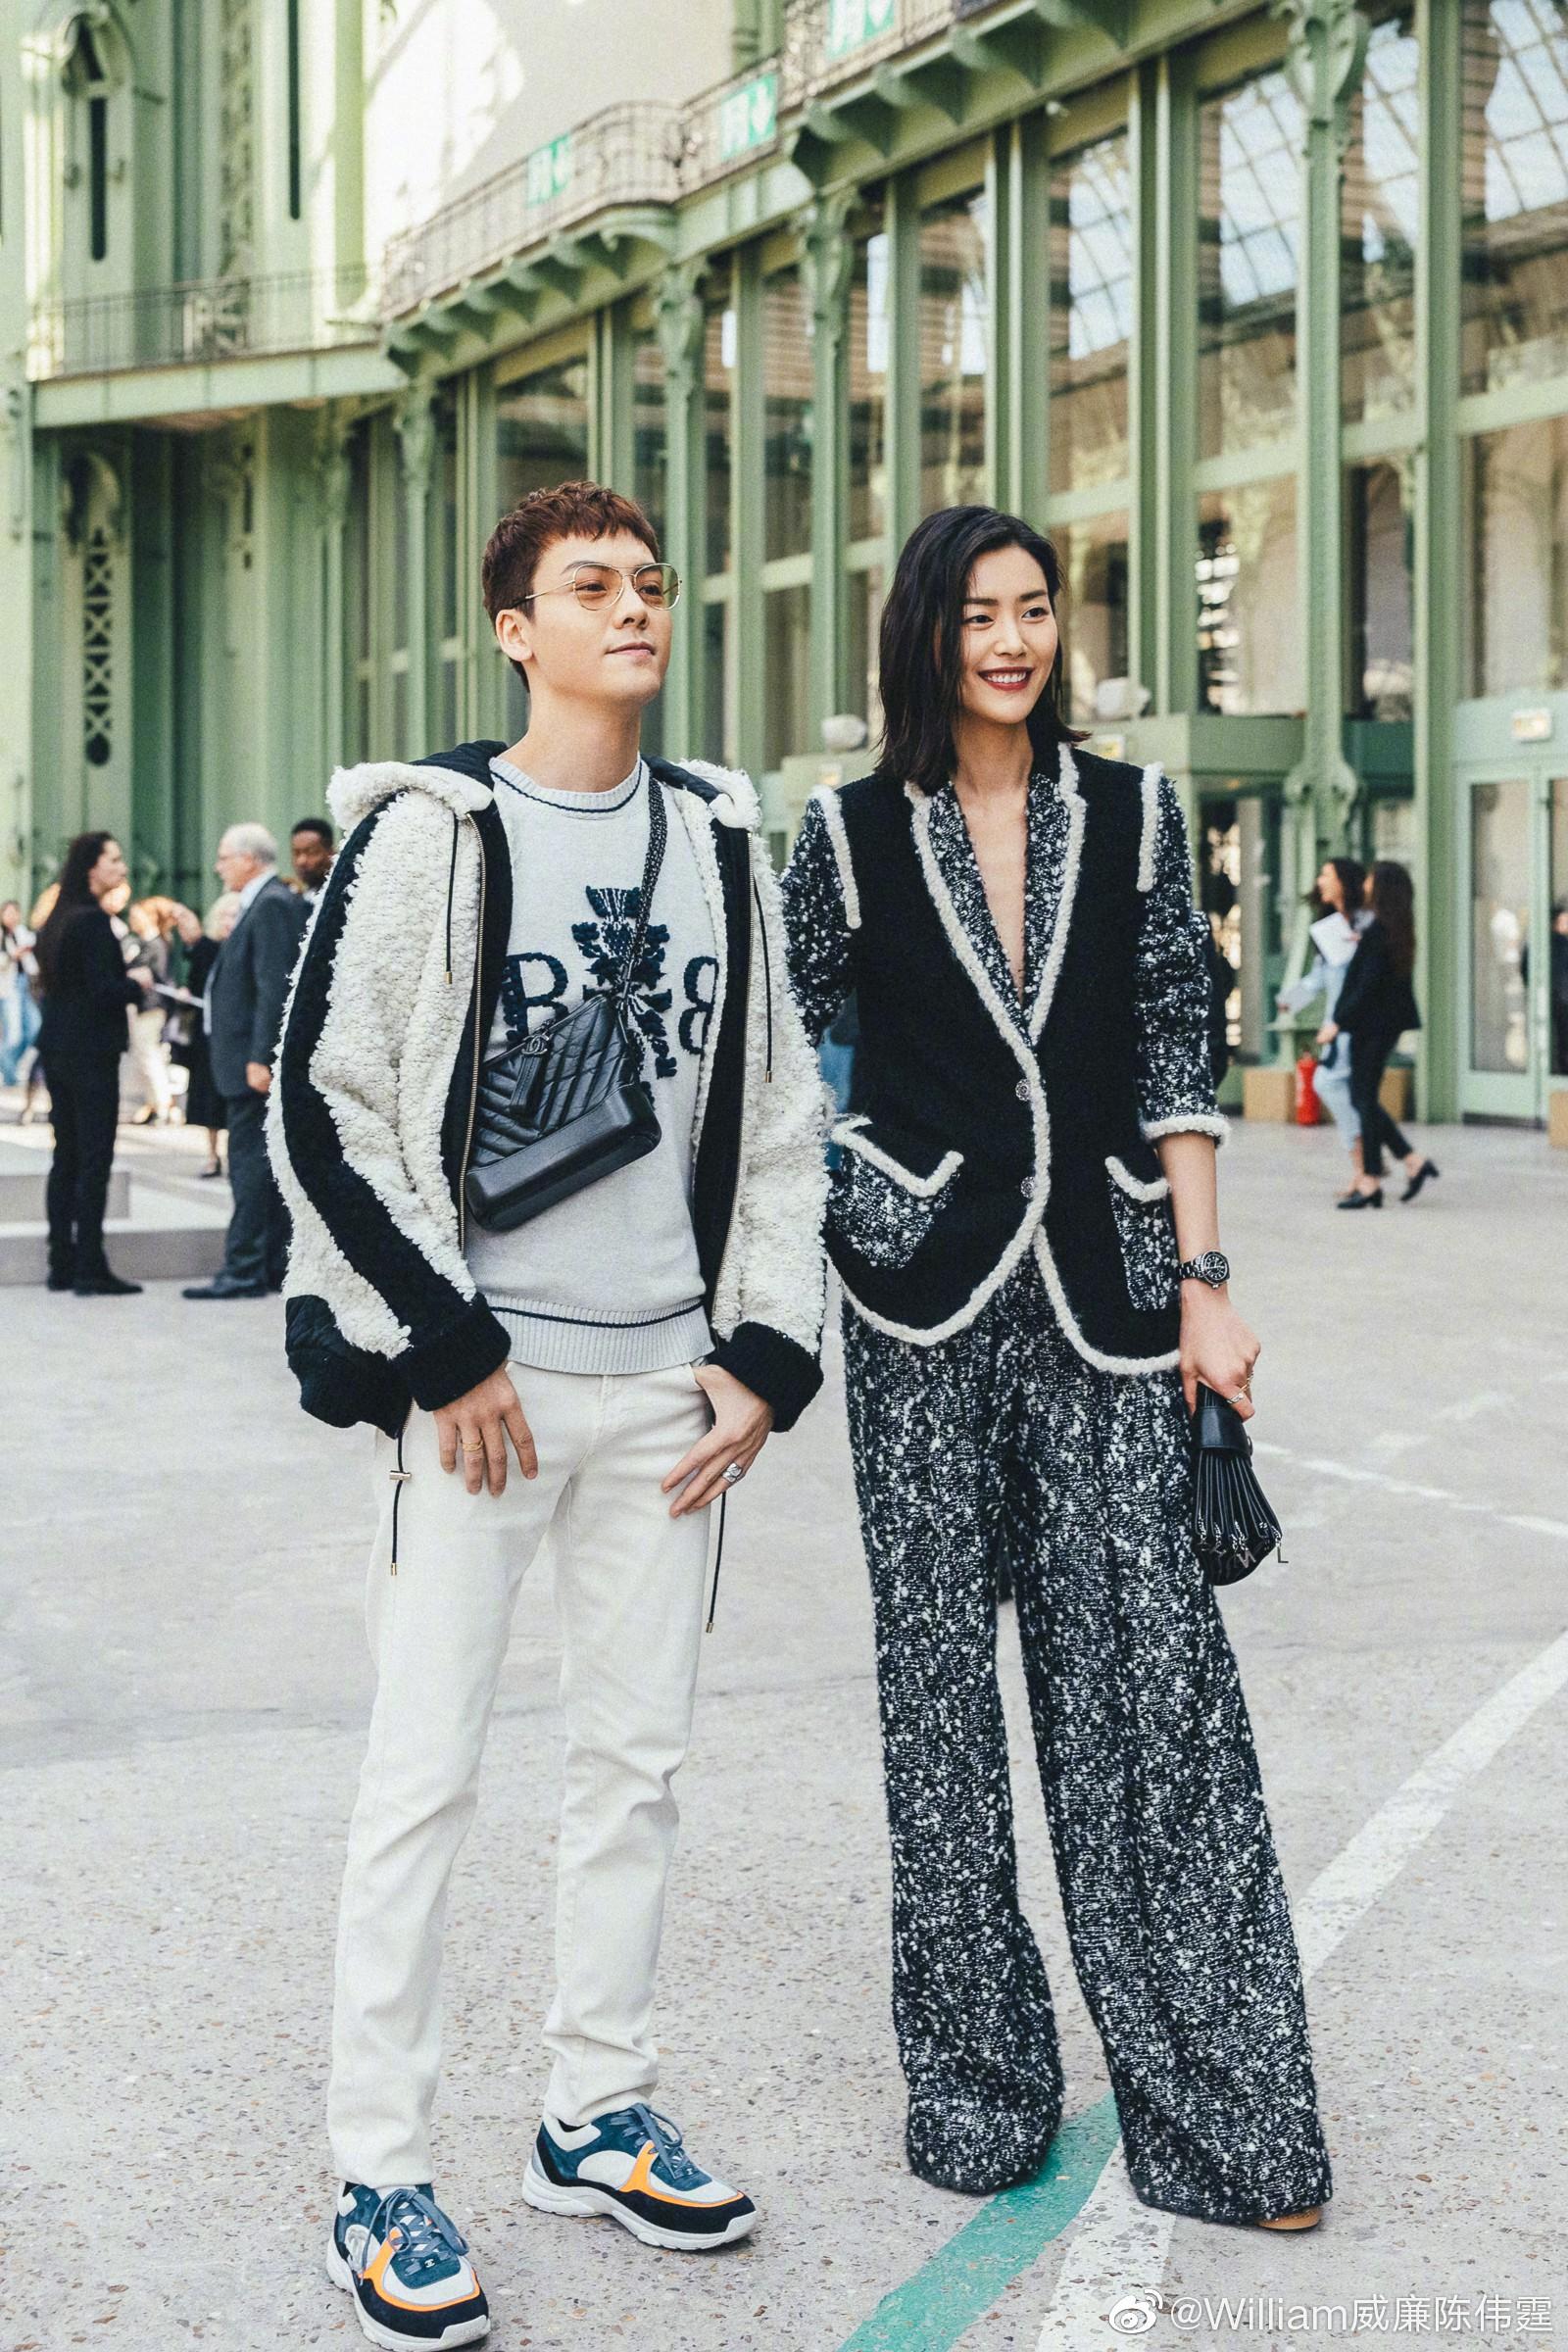 Đến hẹn lại lên, vợ chồng Châu Kiệt Luân - Côn Lăng chặt chém dàn khách mời VIP nhất Paris - Ảnh 11.